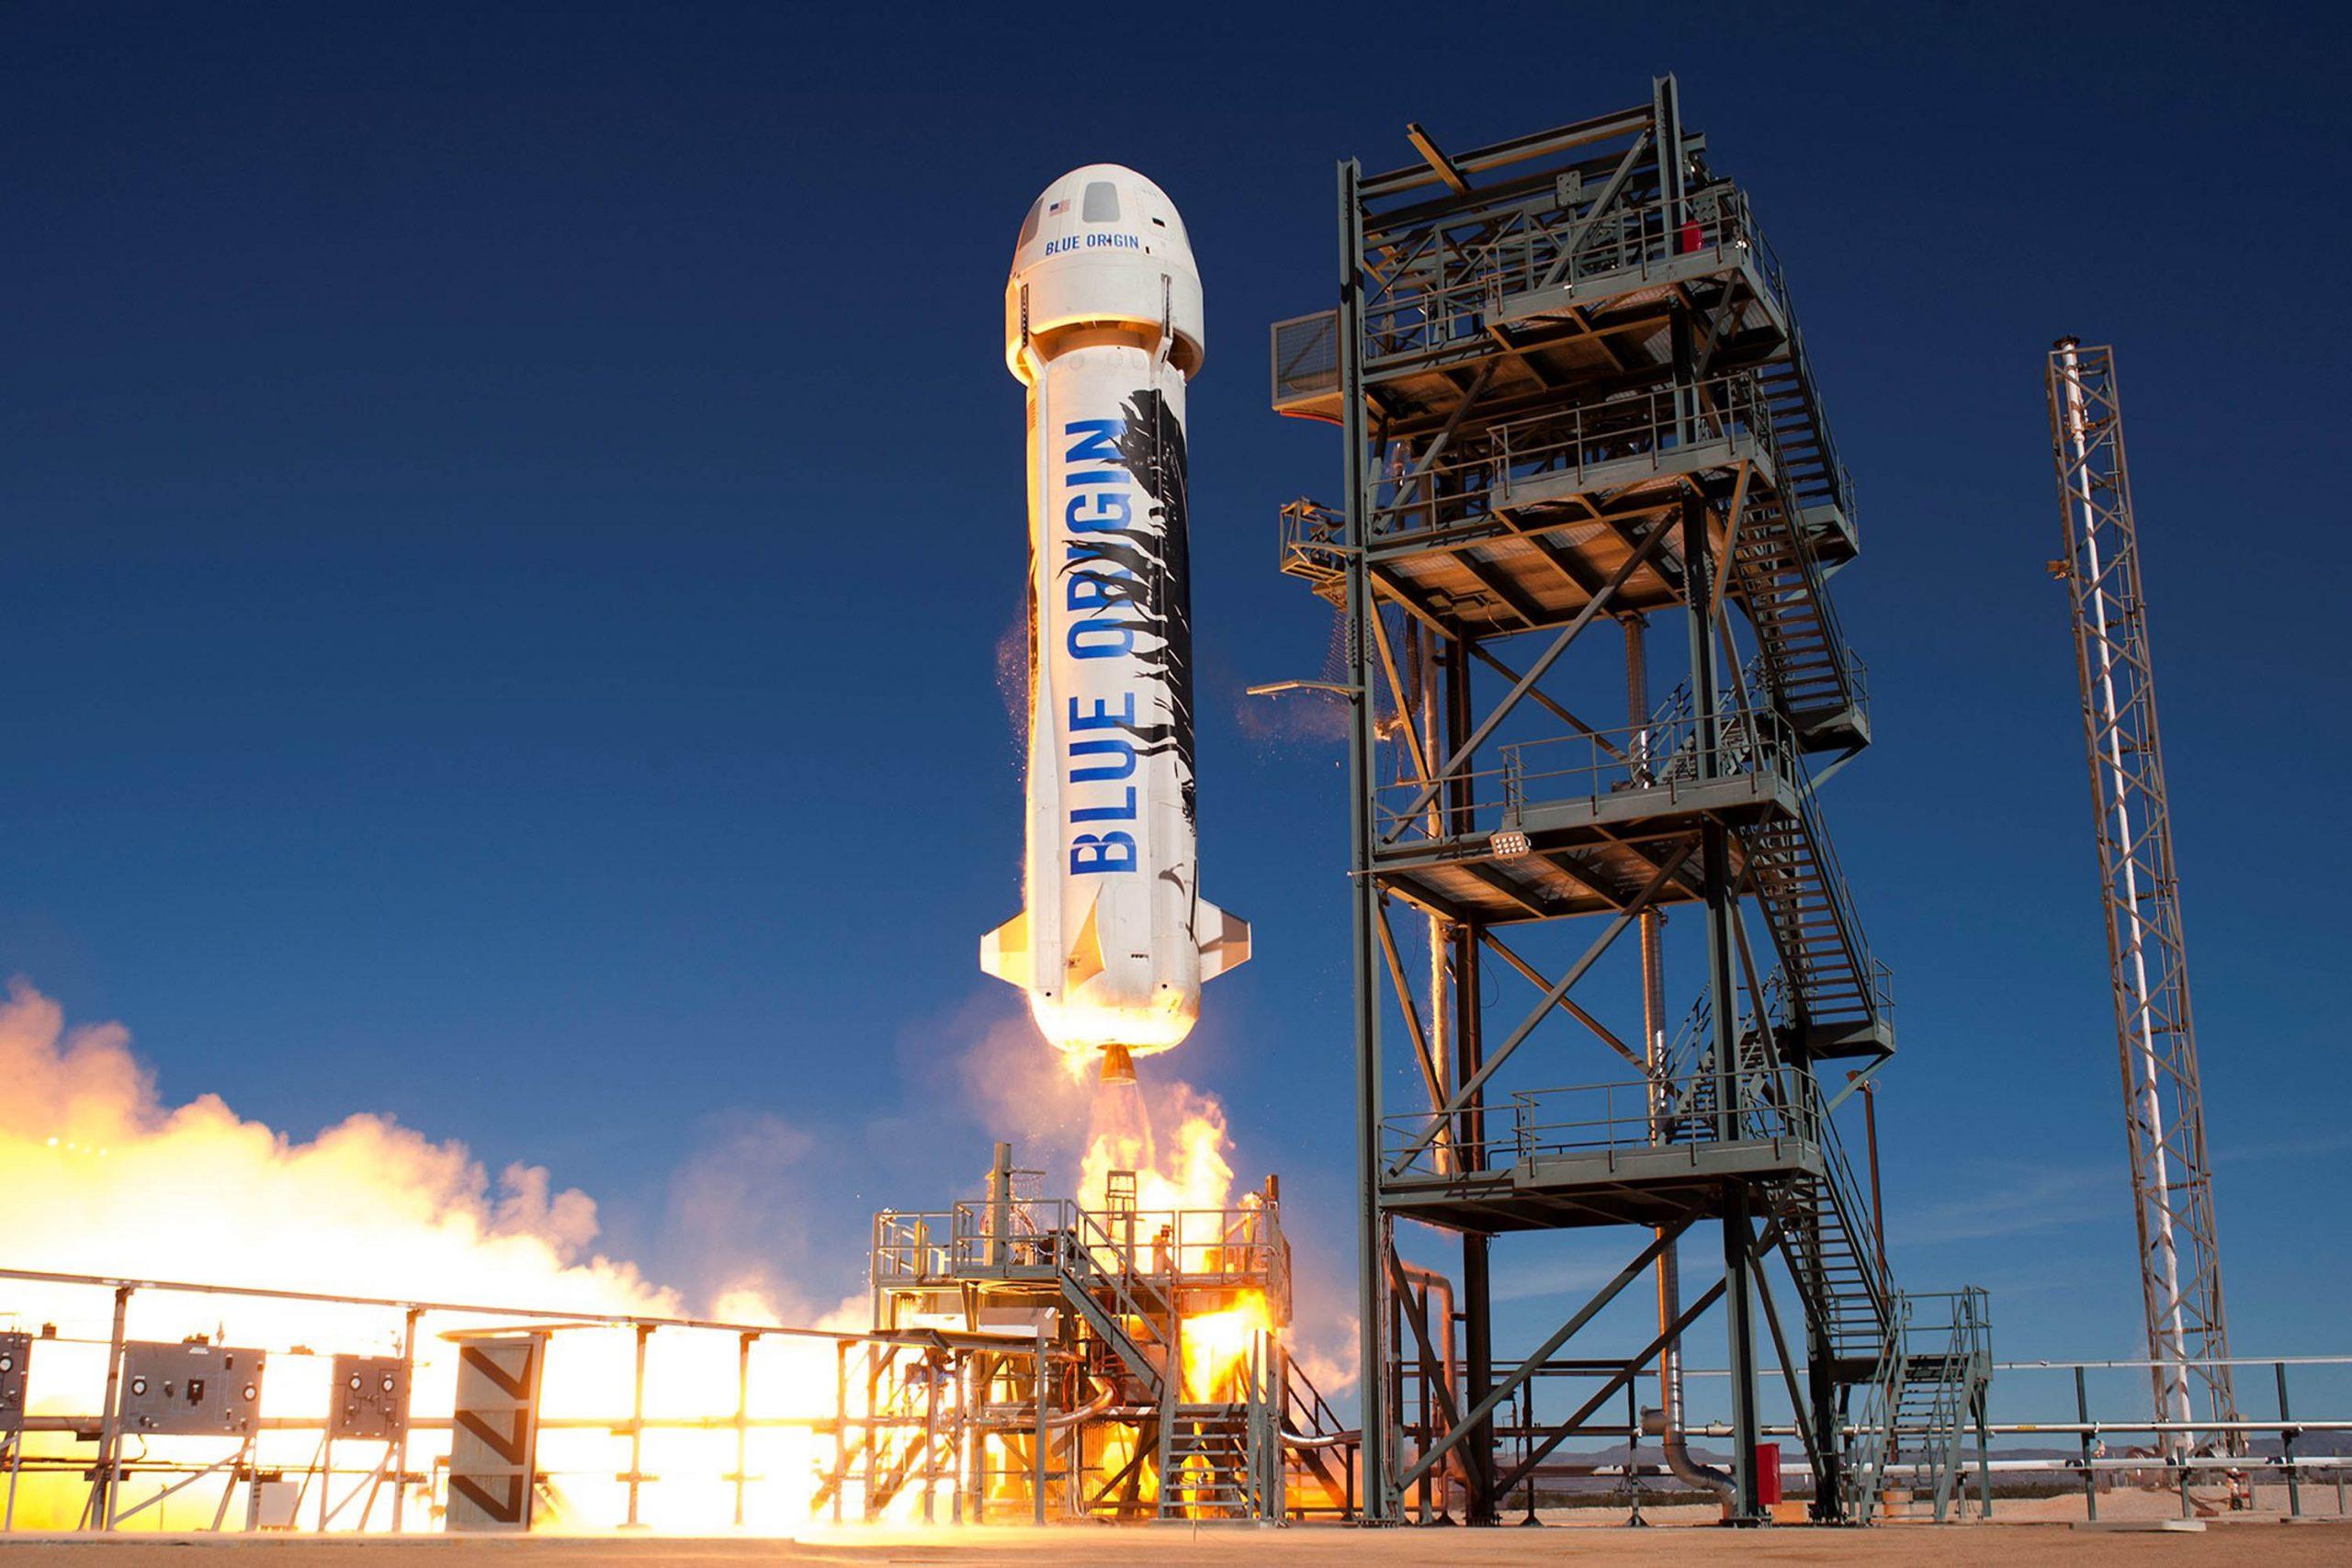 Blue Origin's